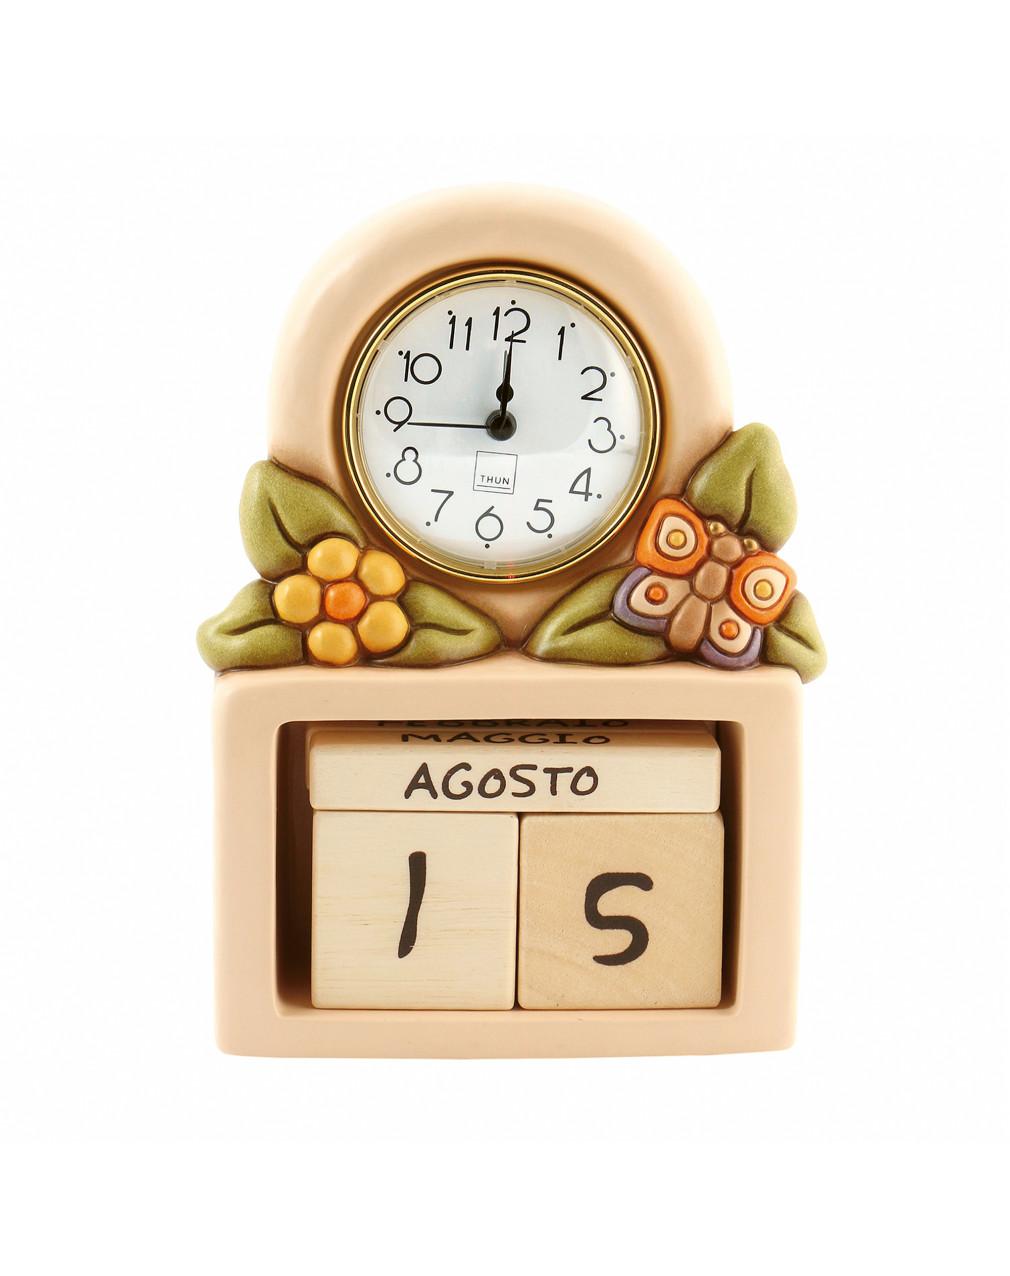 Calendario Perpetuo Thun Prestige.Thun Calendario Perpetuo Con Orologio Country Prestige